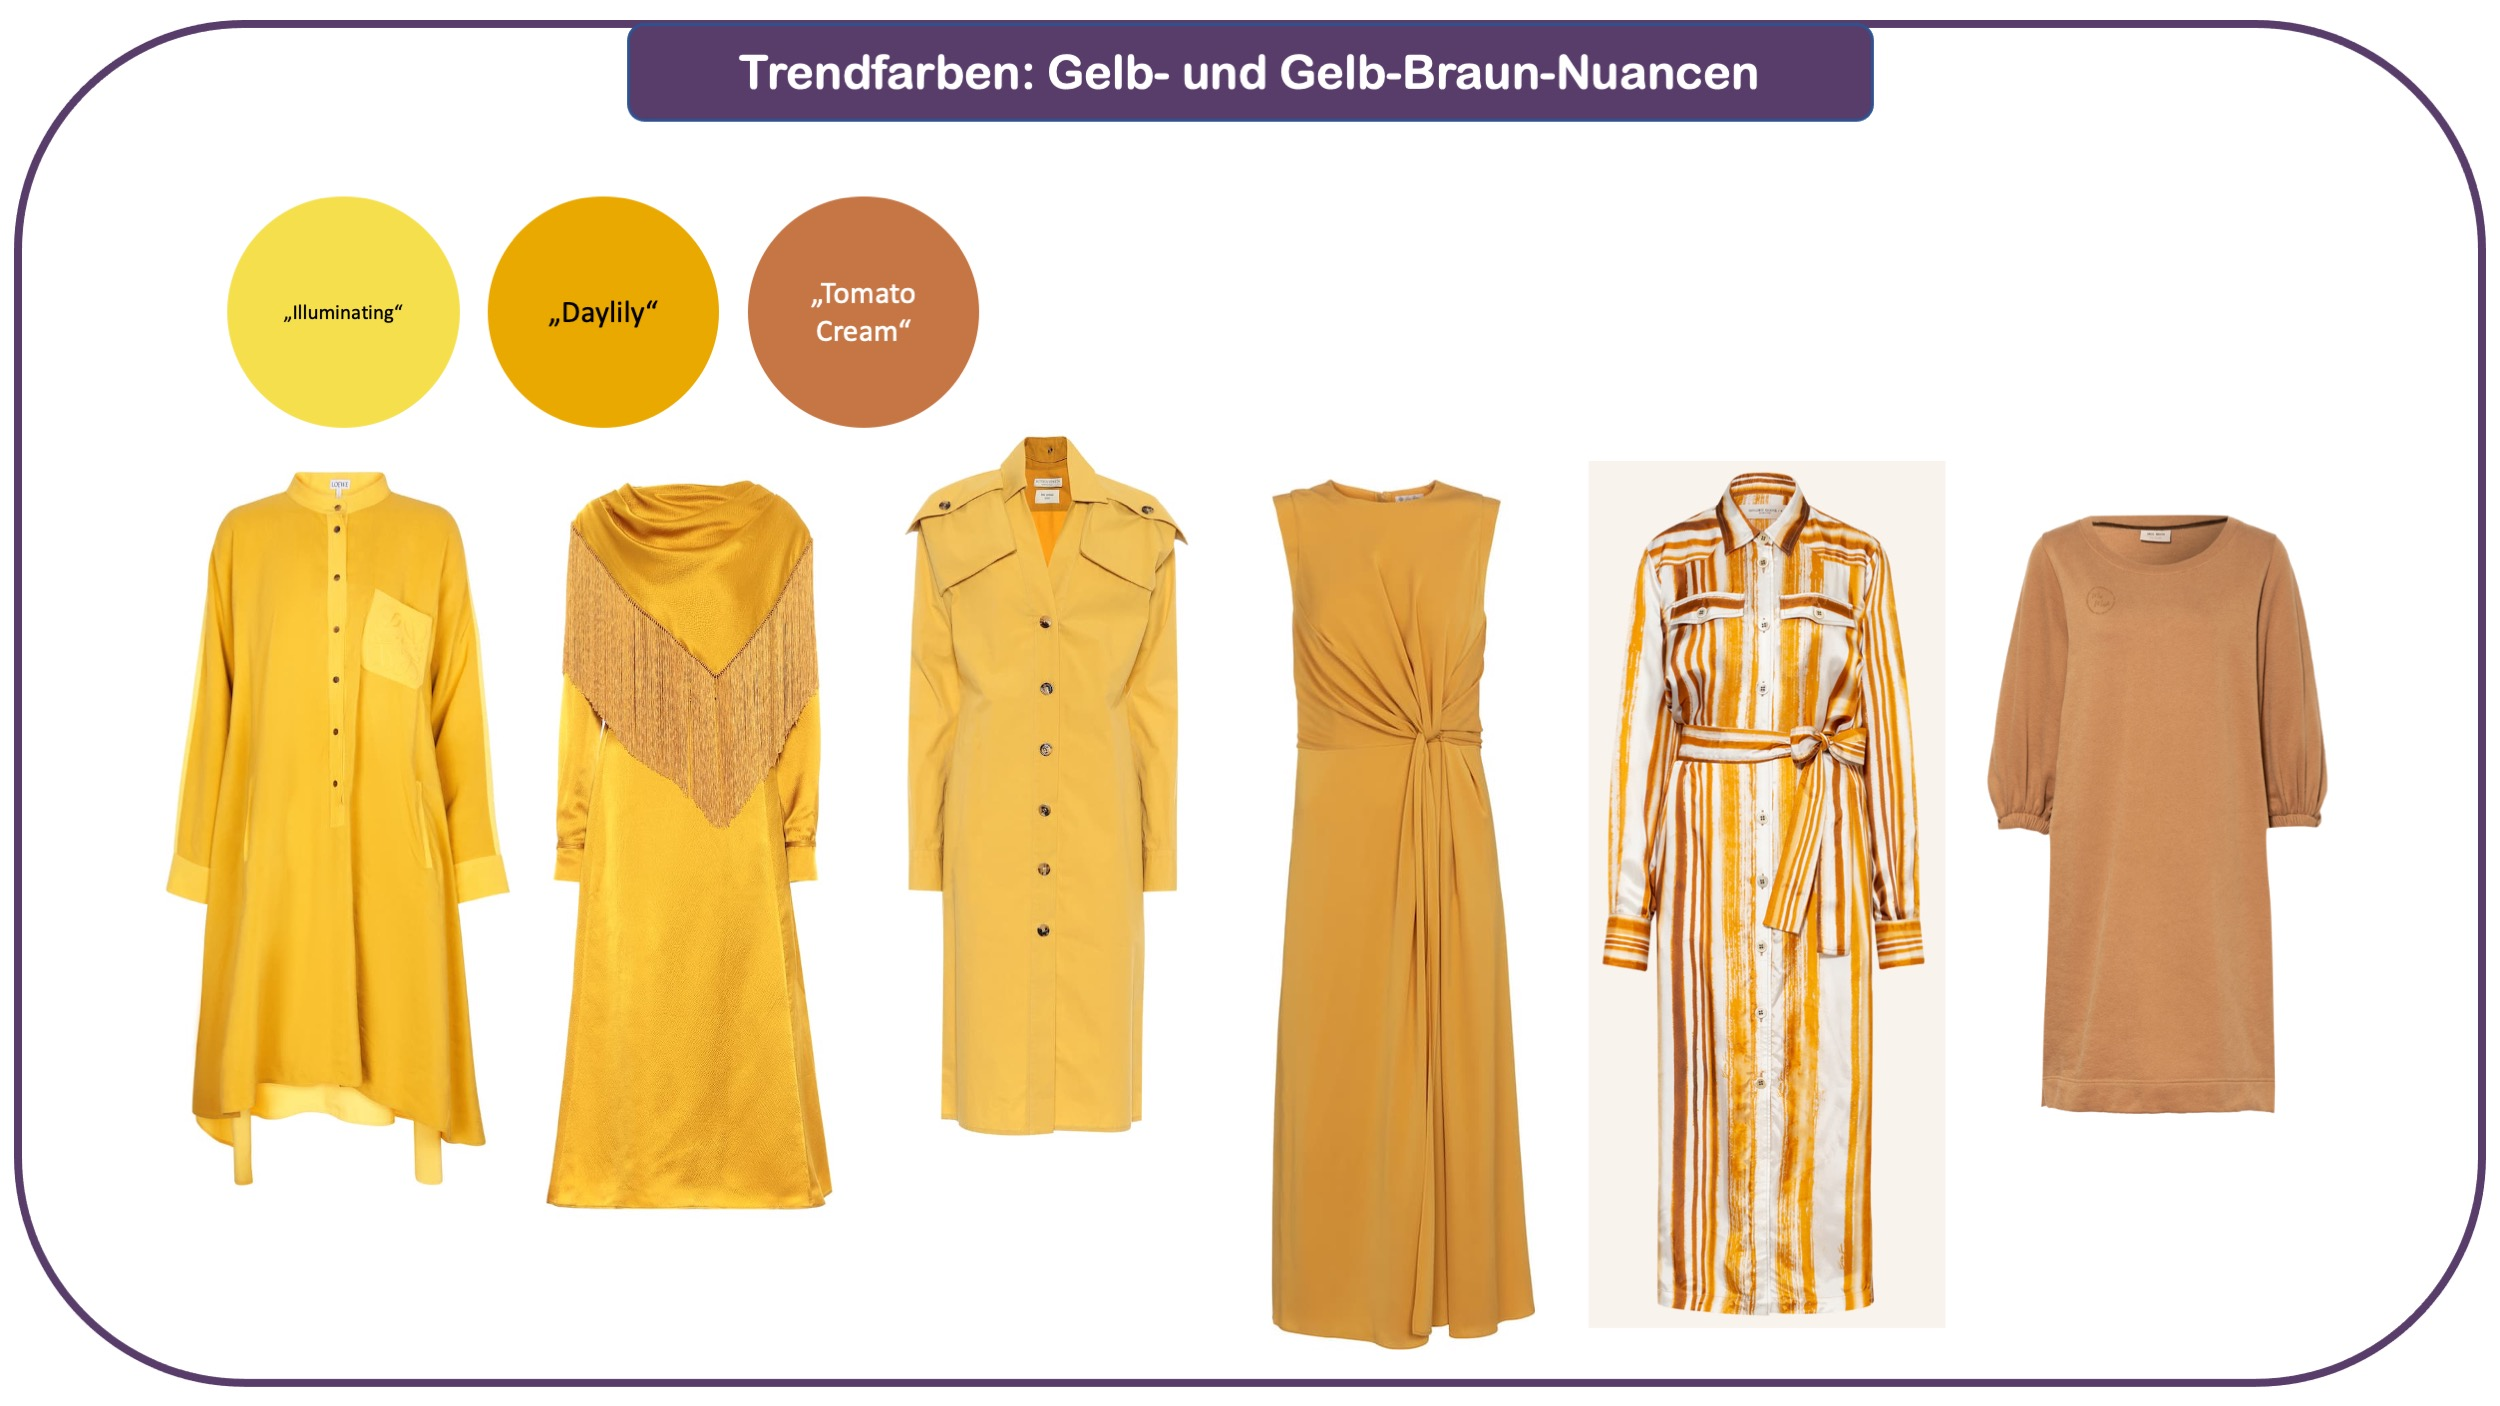 Trendfarben für Herbst und Winter 2021/22: Gelb und Gelbbraun